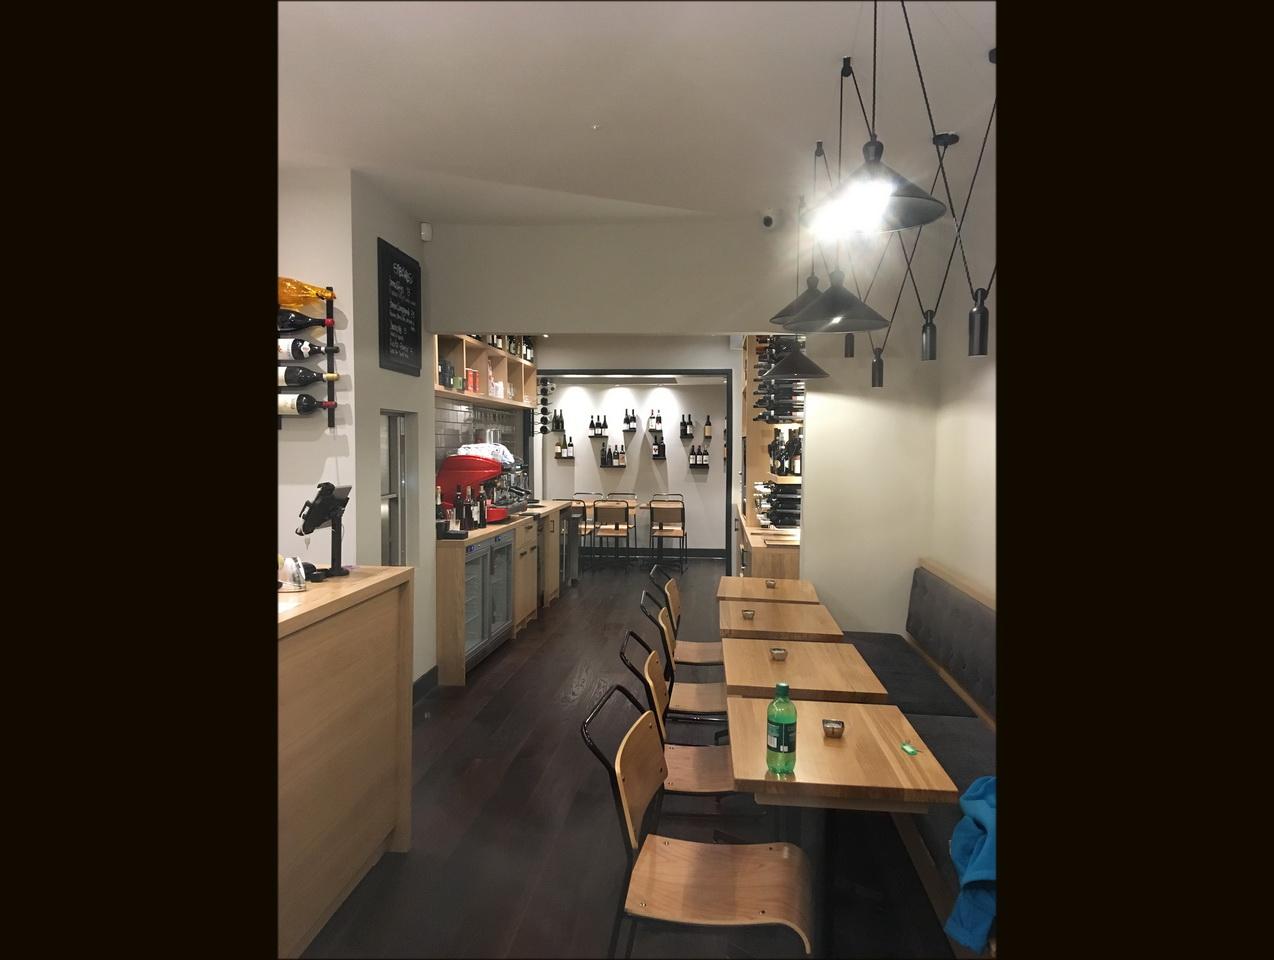 Progettazioni arredamenti bar ristoranti negozi astor for Arredamenti bar ristoranti